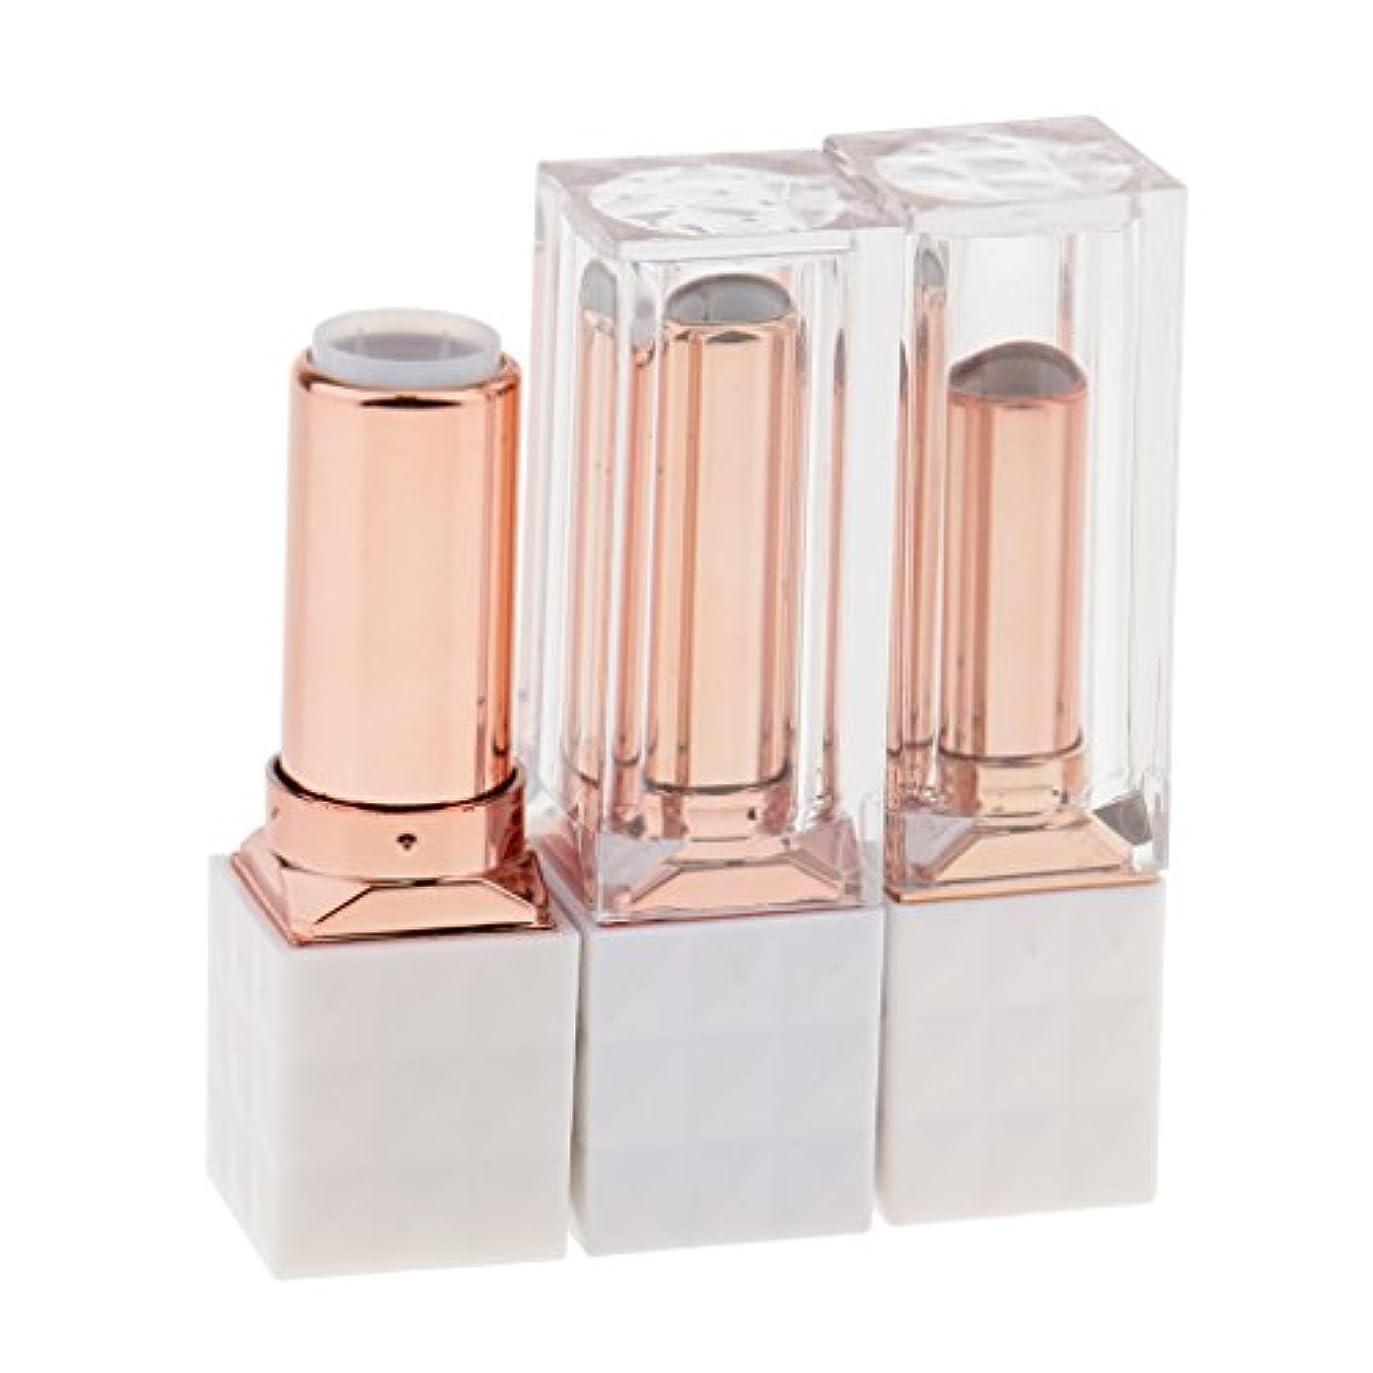 美しい同化する涙KOZEEY 3個 空チューブ リップバーム リップスティック コンディー 化粧品 コスメ 口紅 DIY 手作り プレゼント